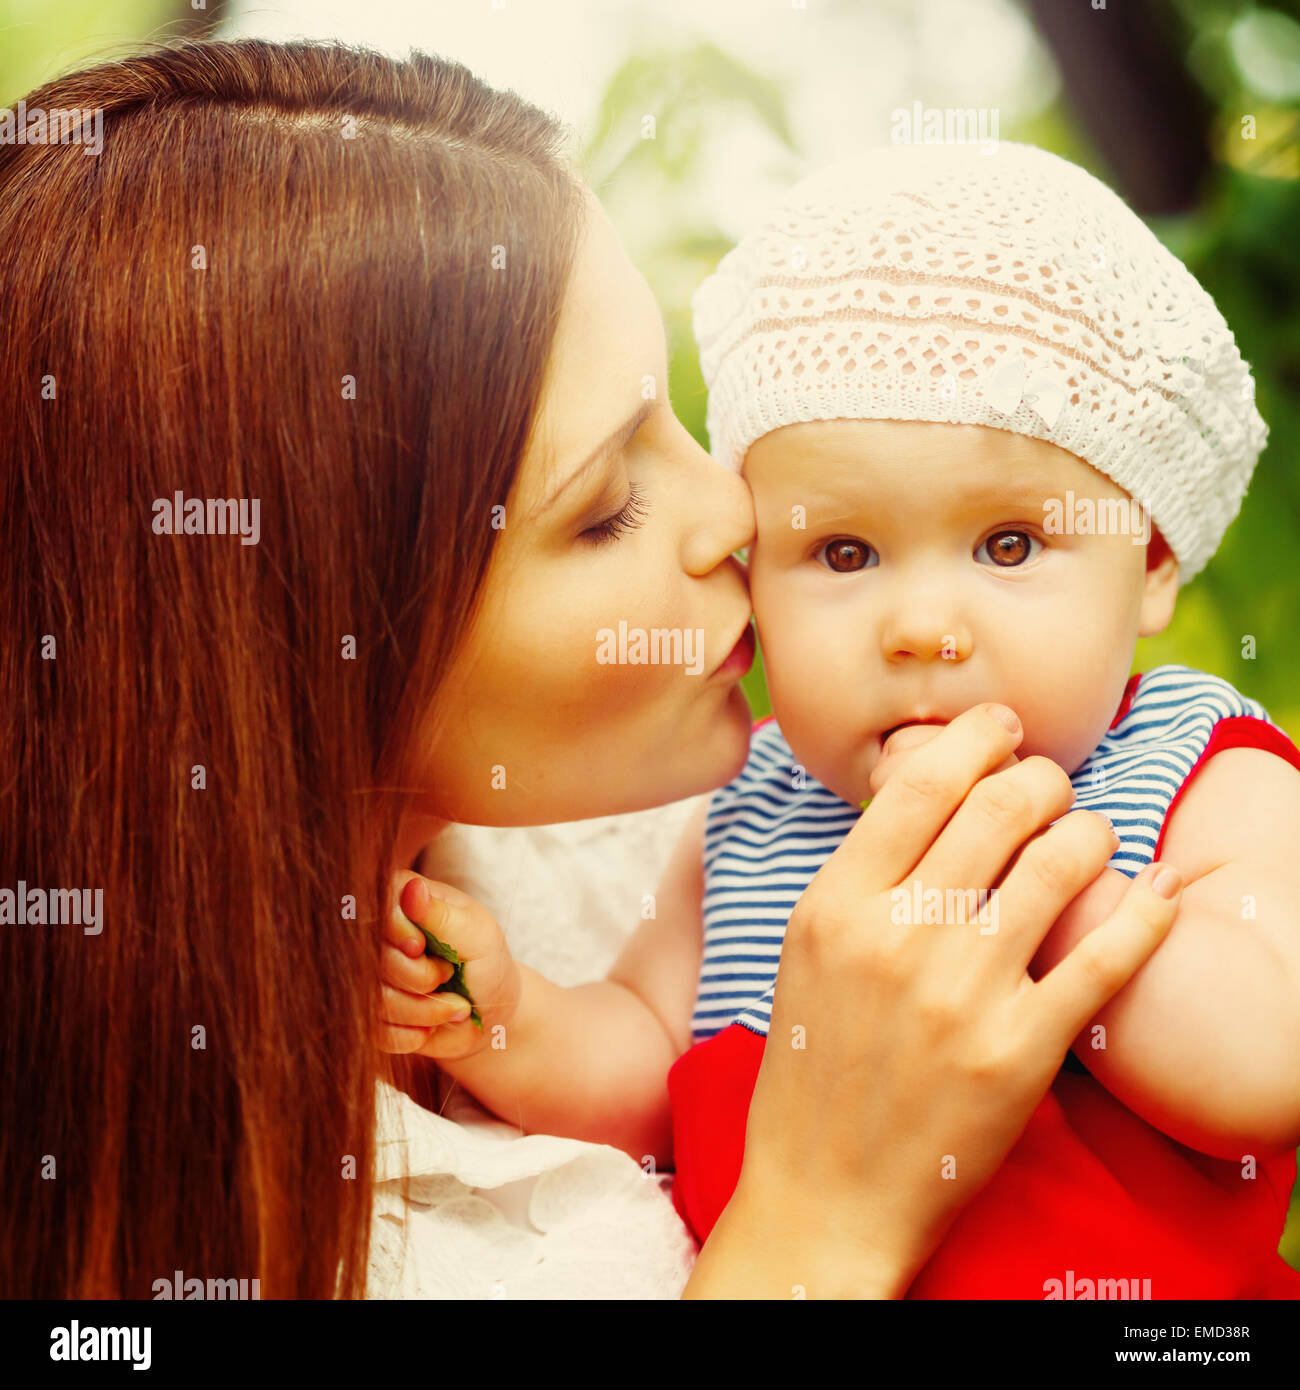 Überrascht Kleinkind Baby Mädchen sitzen auf Mamas Hände, Blick in die Kamera. Mutter das Kind küssen. Stockbild